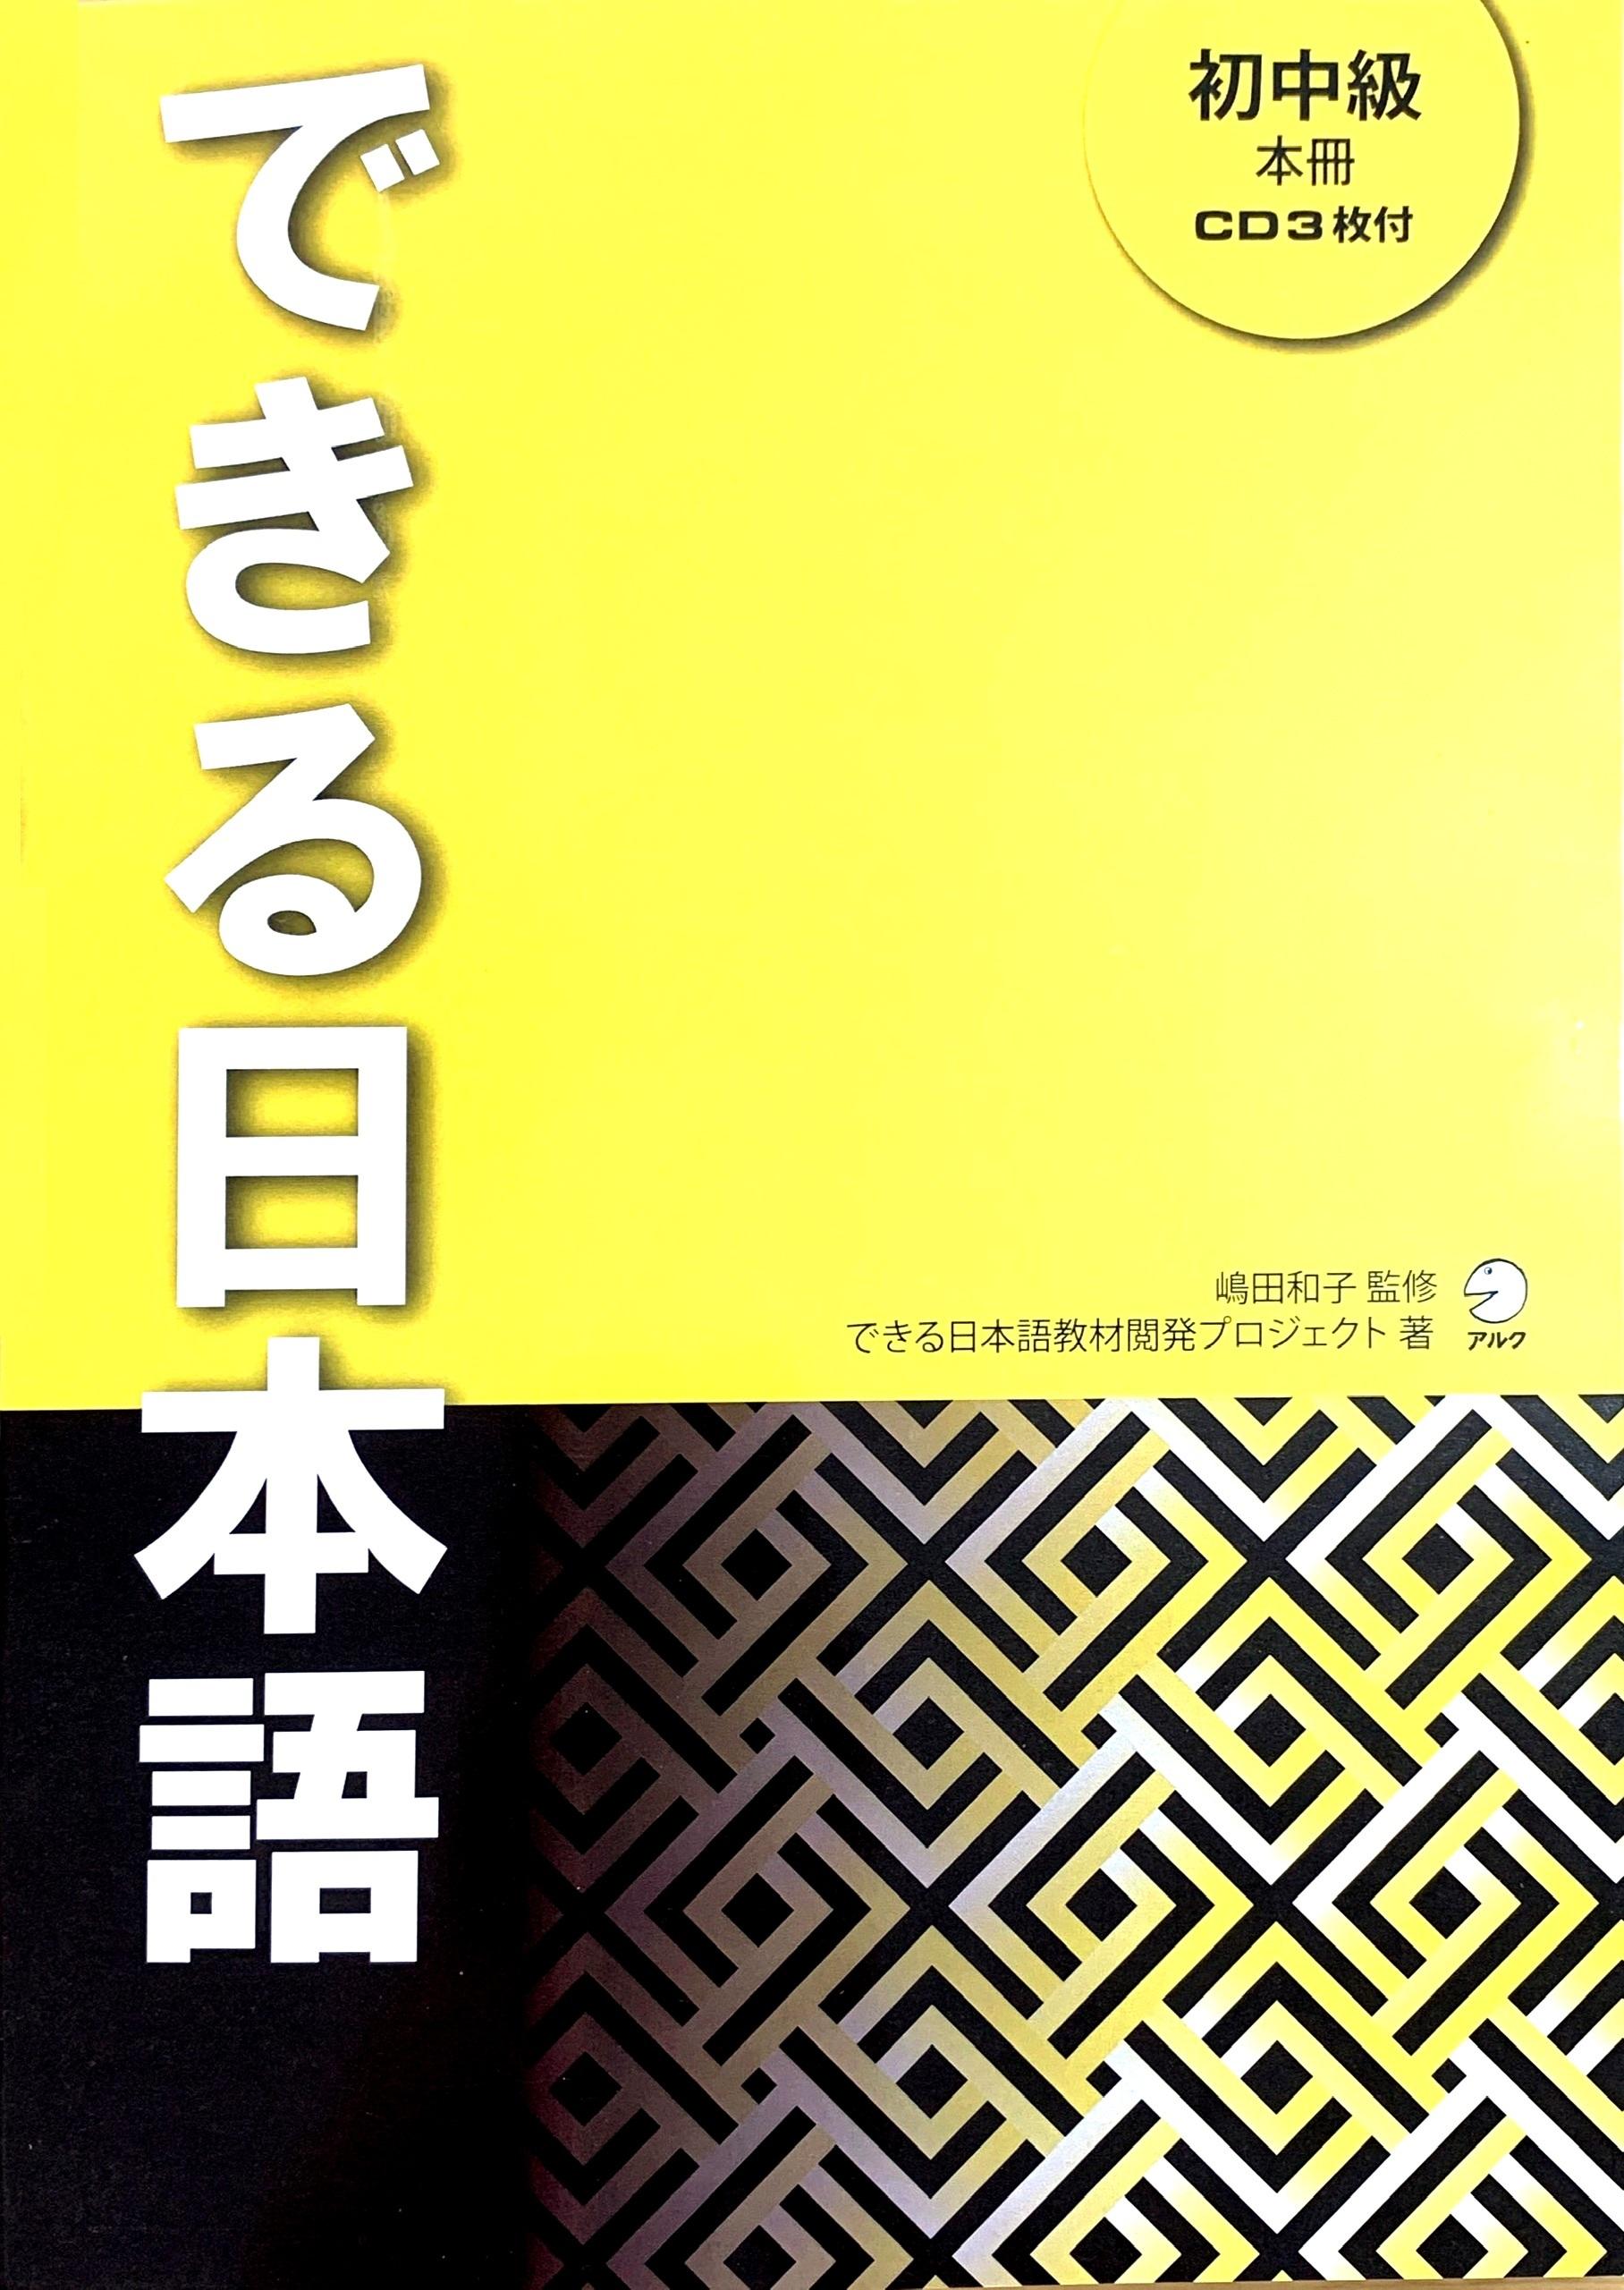 Lifestyle designGiáo Trình Tiếng Nhật Dekiru Nihongo Sơ Trung Cấp Honsatsu (Sách Giáo Khoa)